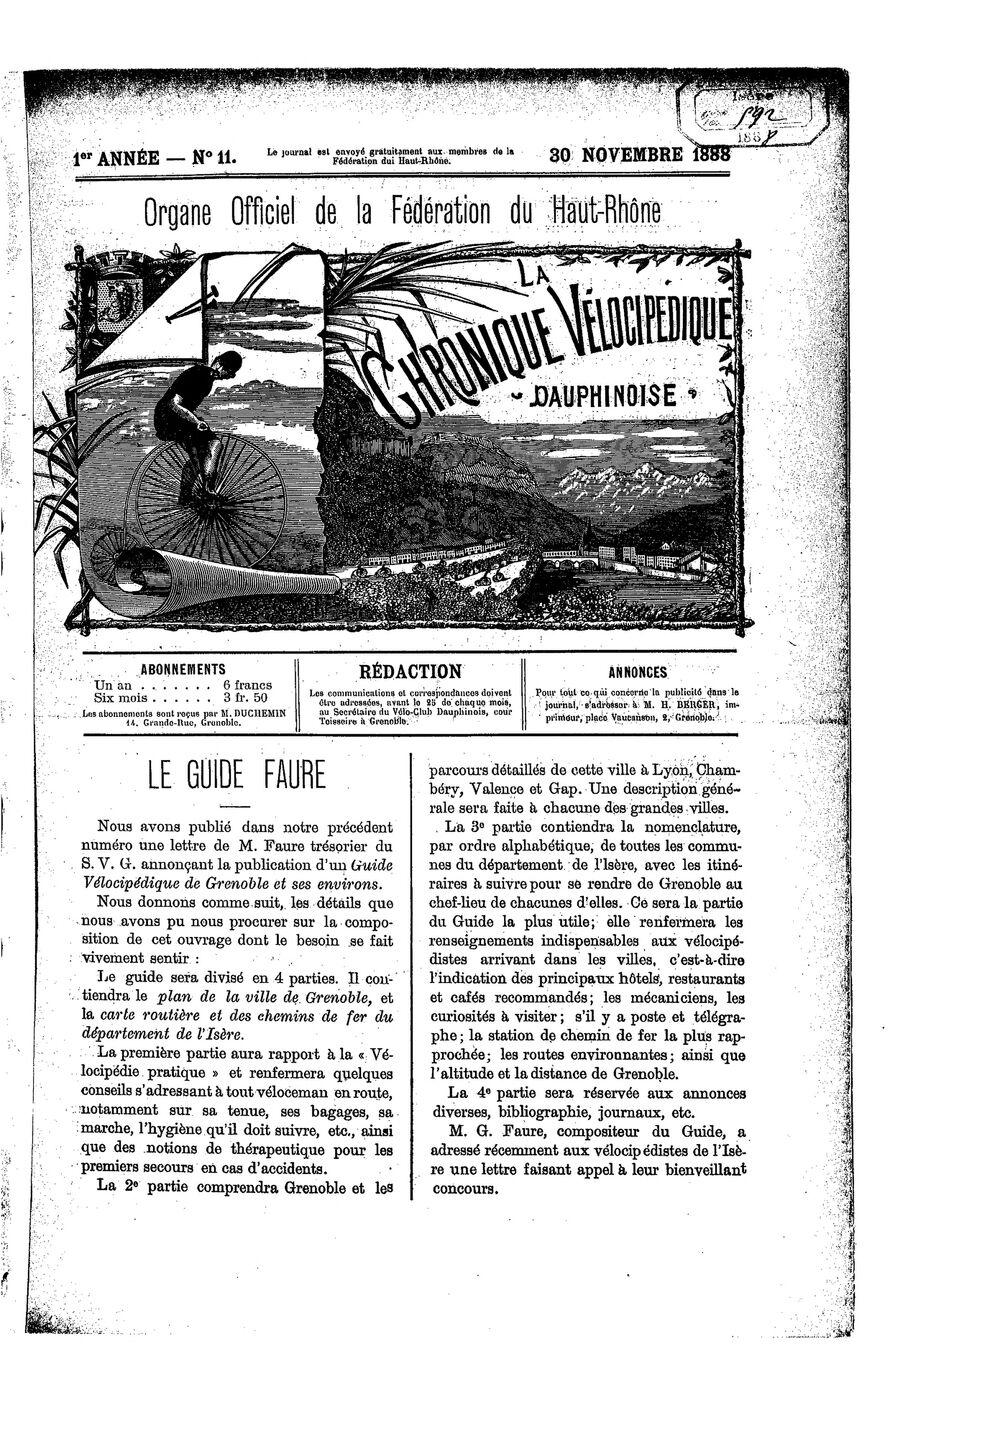 La Chronique vélocipédique dauphinoise / l'imprimeur-gérant b : H. Berger - 30 novembre 1888